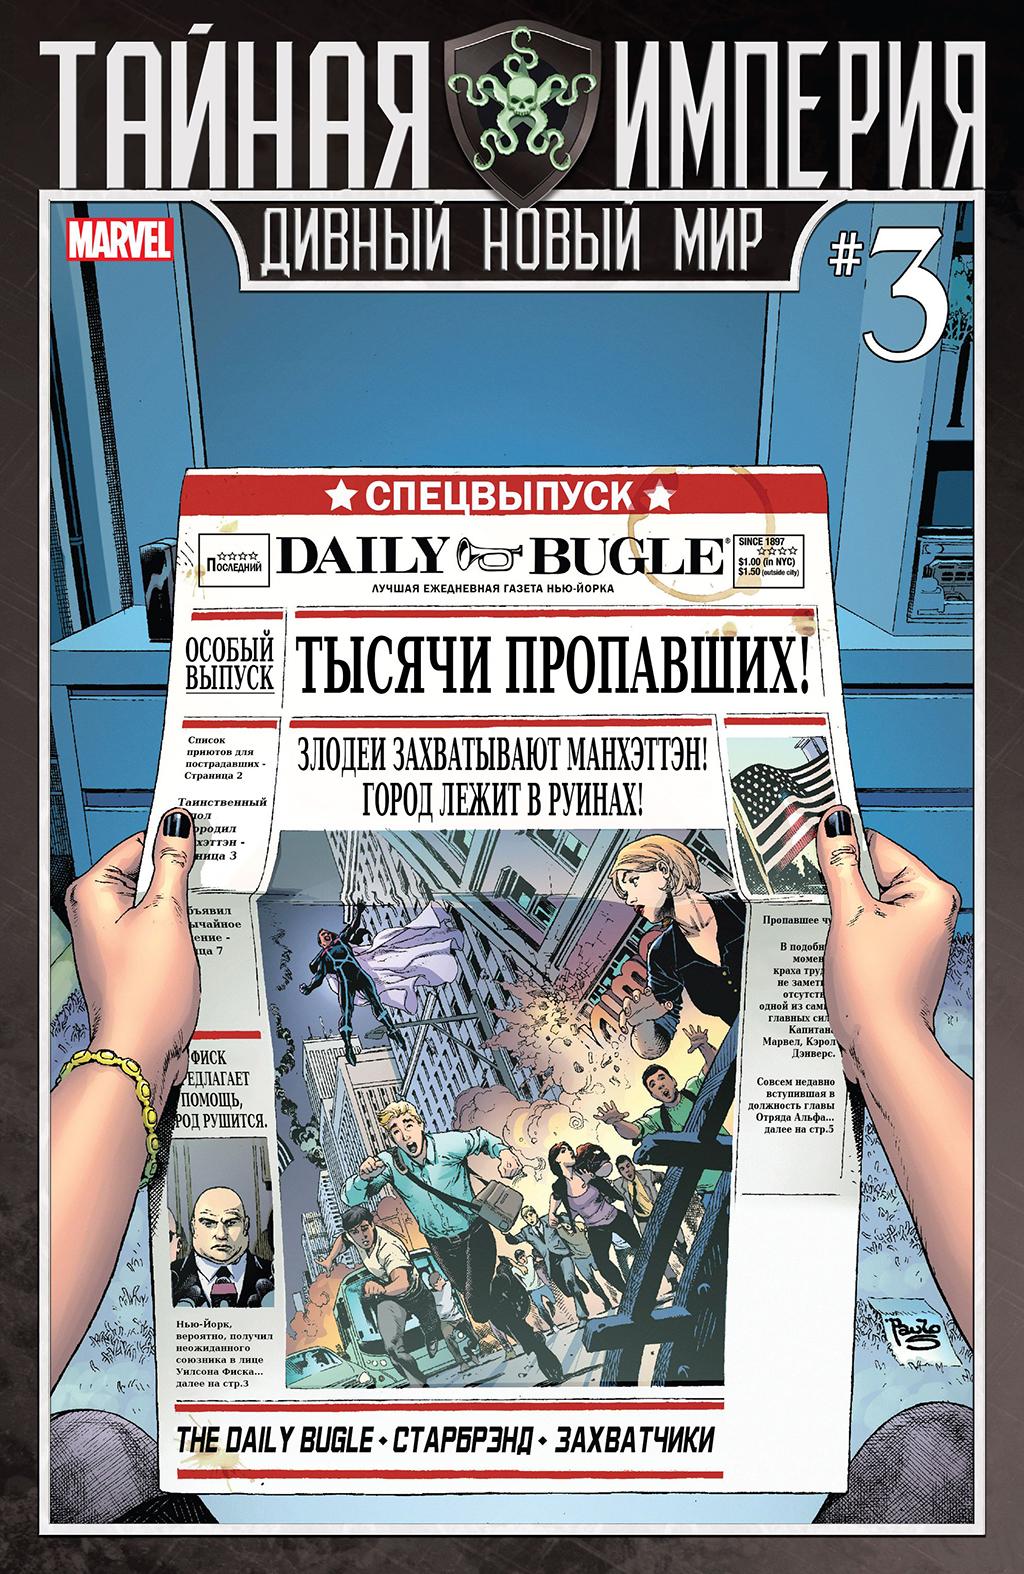 Комикс Тайная империя - Дивный новый мир